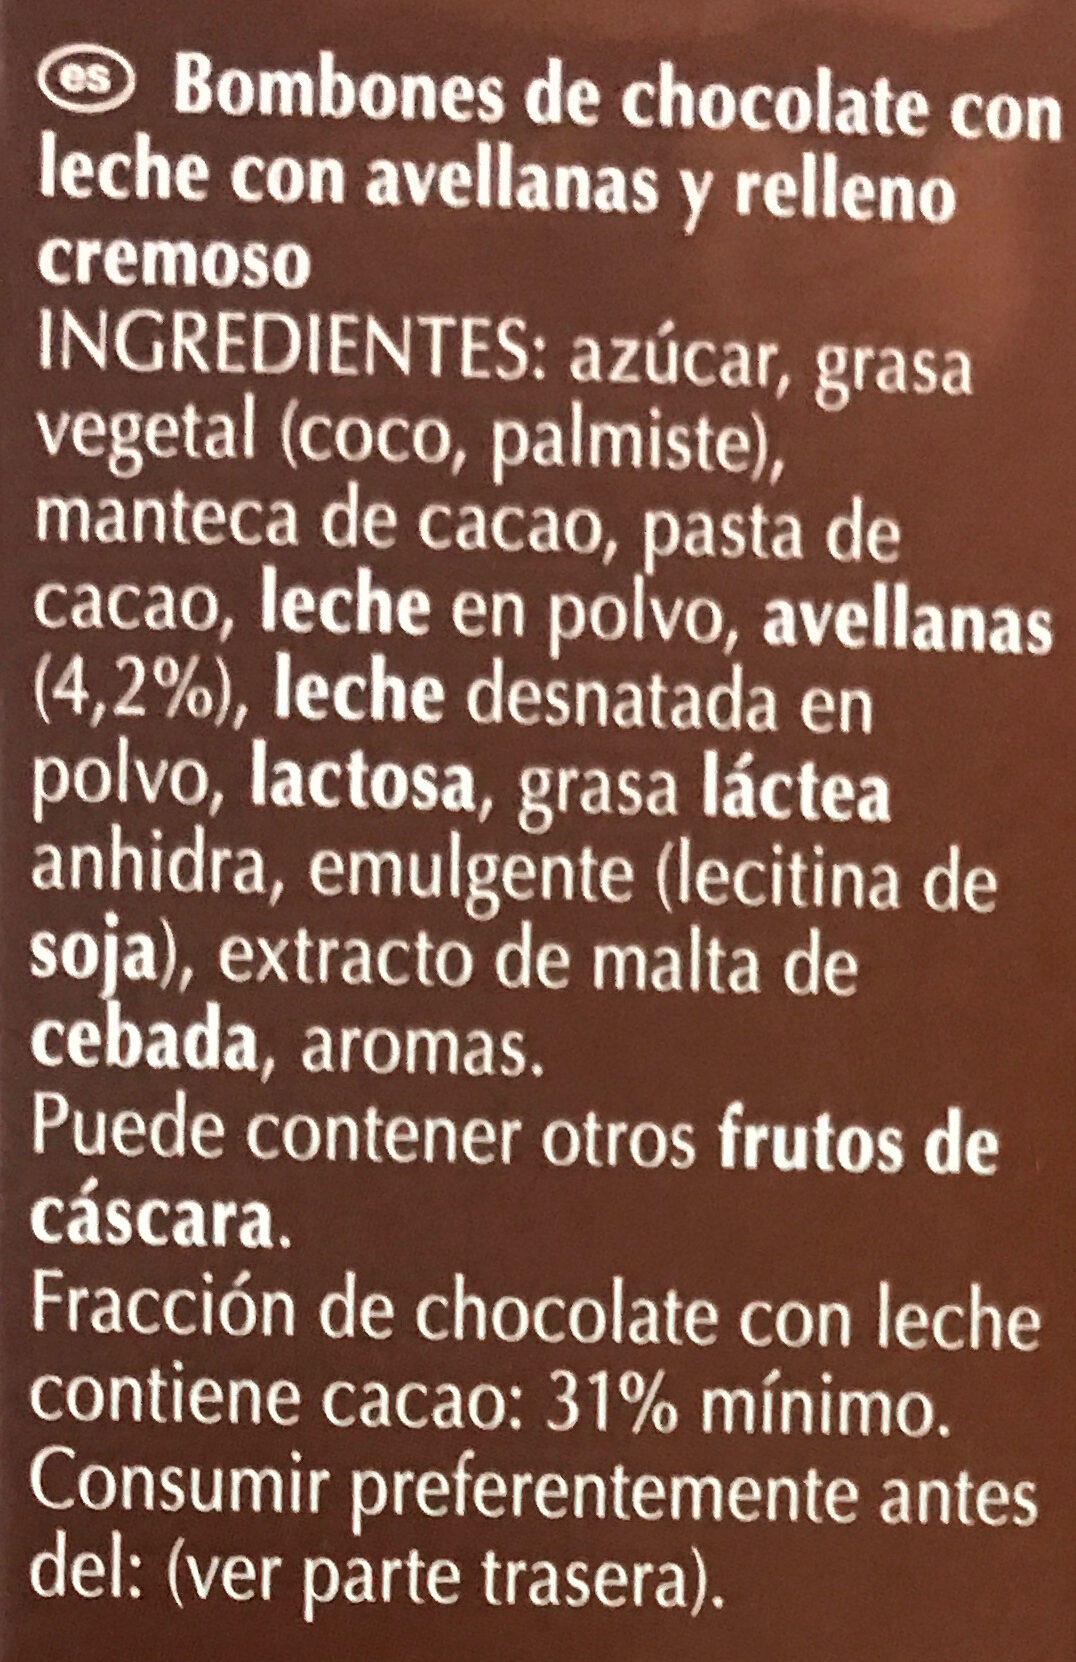 Lindor avellanas - Ingredients